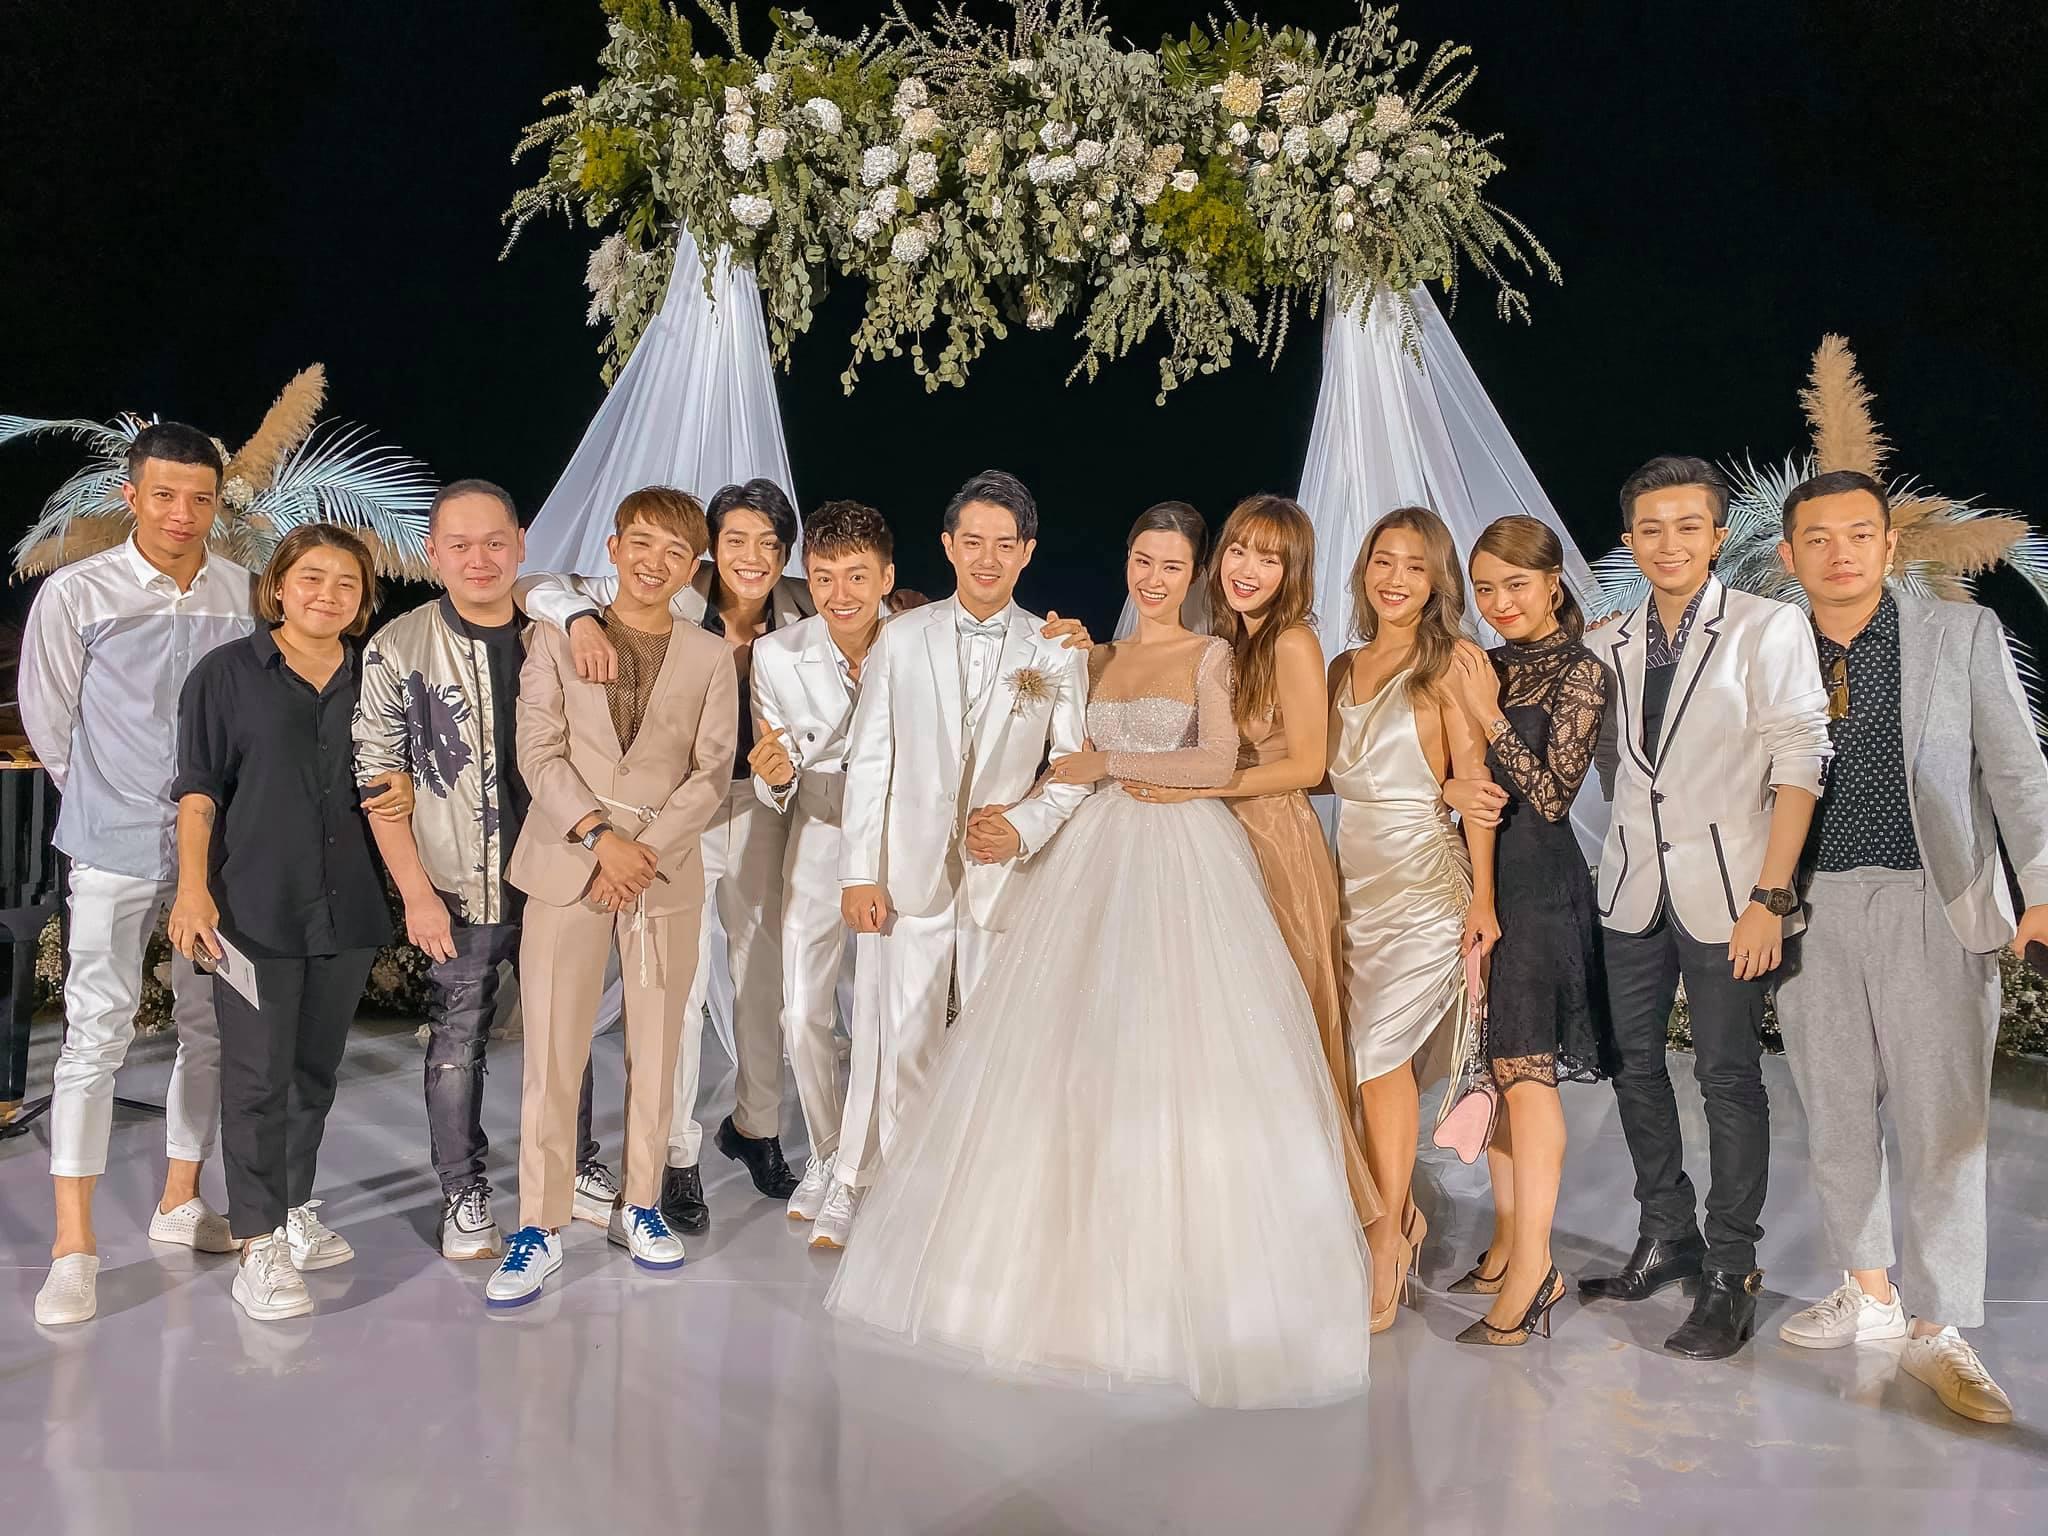 Khách mời có phong cách quyến rũ nhất trong đám cưới 10 tỷ?